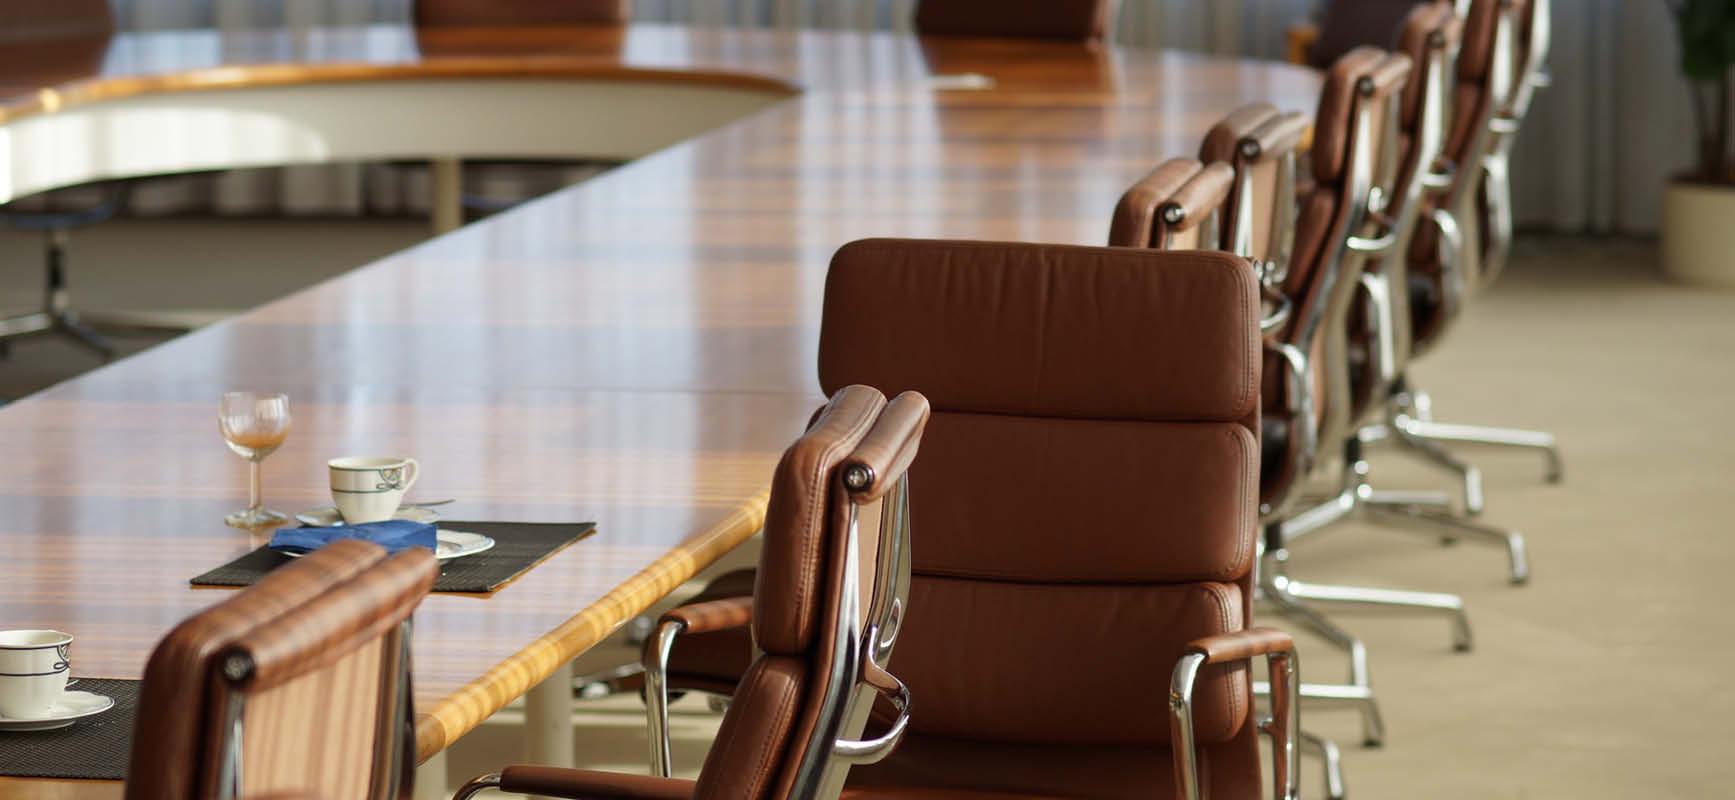 Kuvassa tyhjä kokouspöytä ja tuolit.